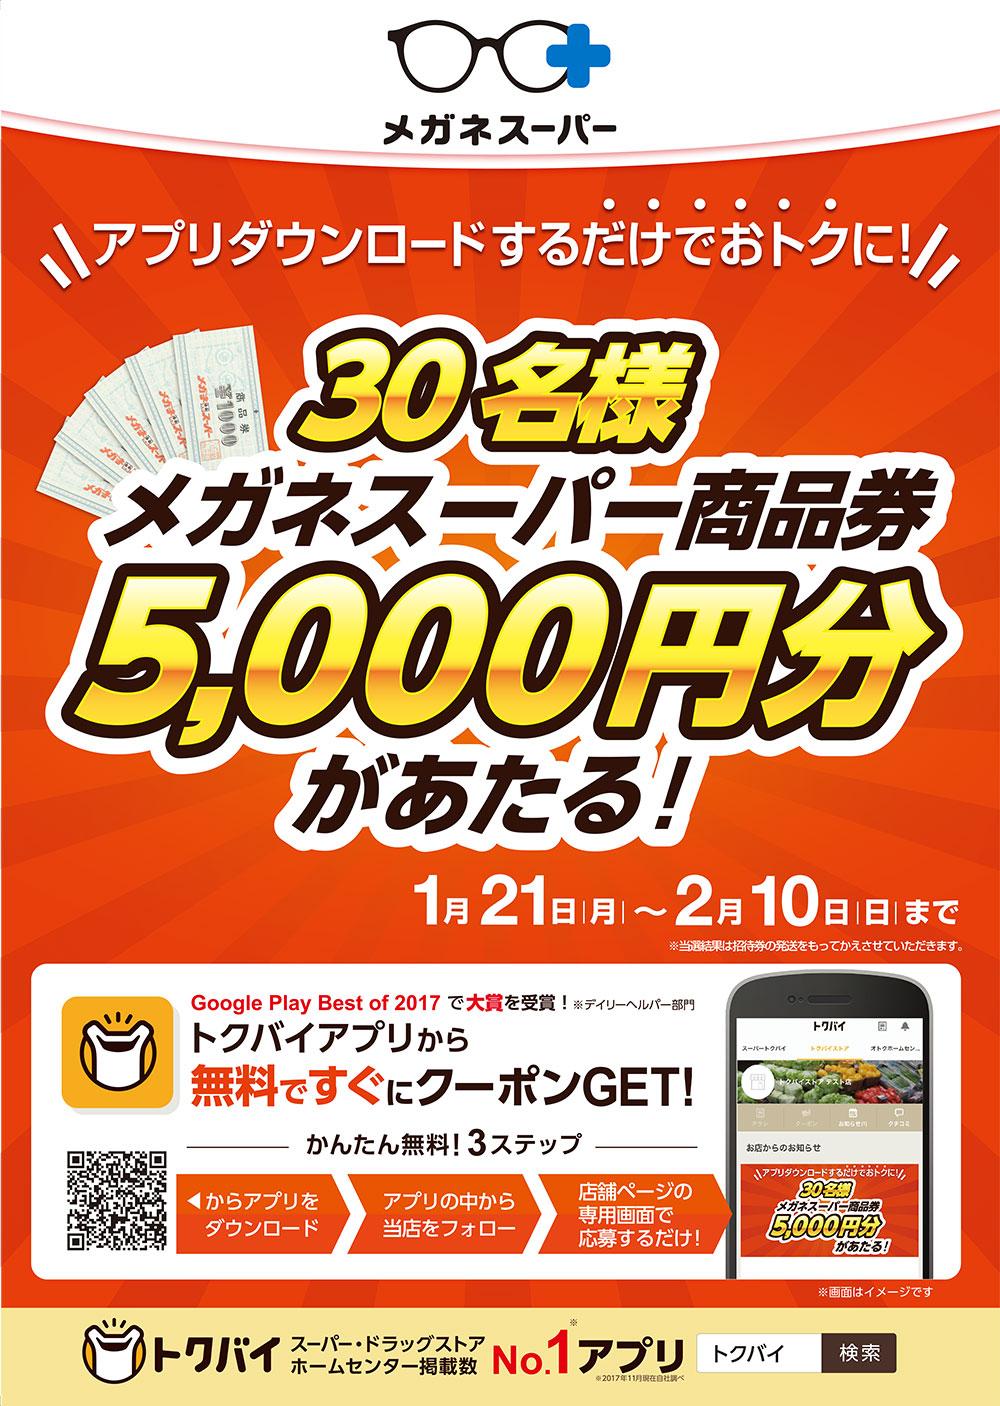 No.1アプリ『トクバイ』とメガネスーパーコラボキャンペーン